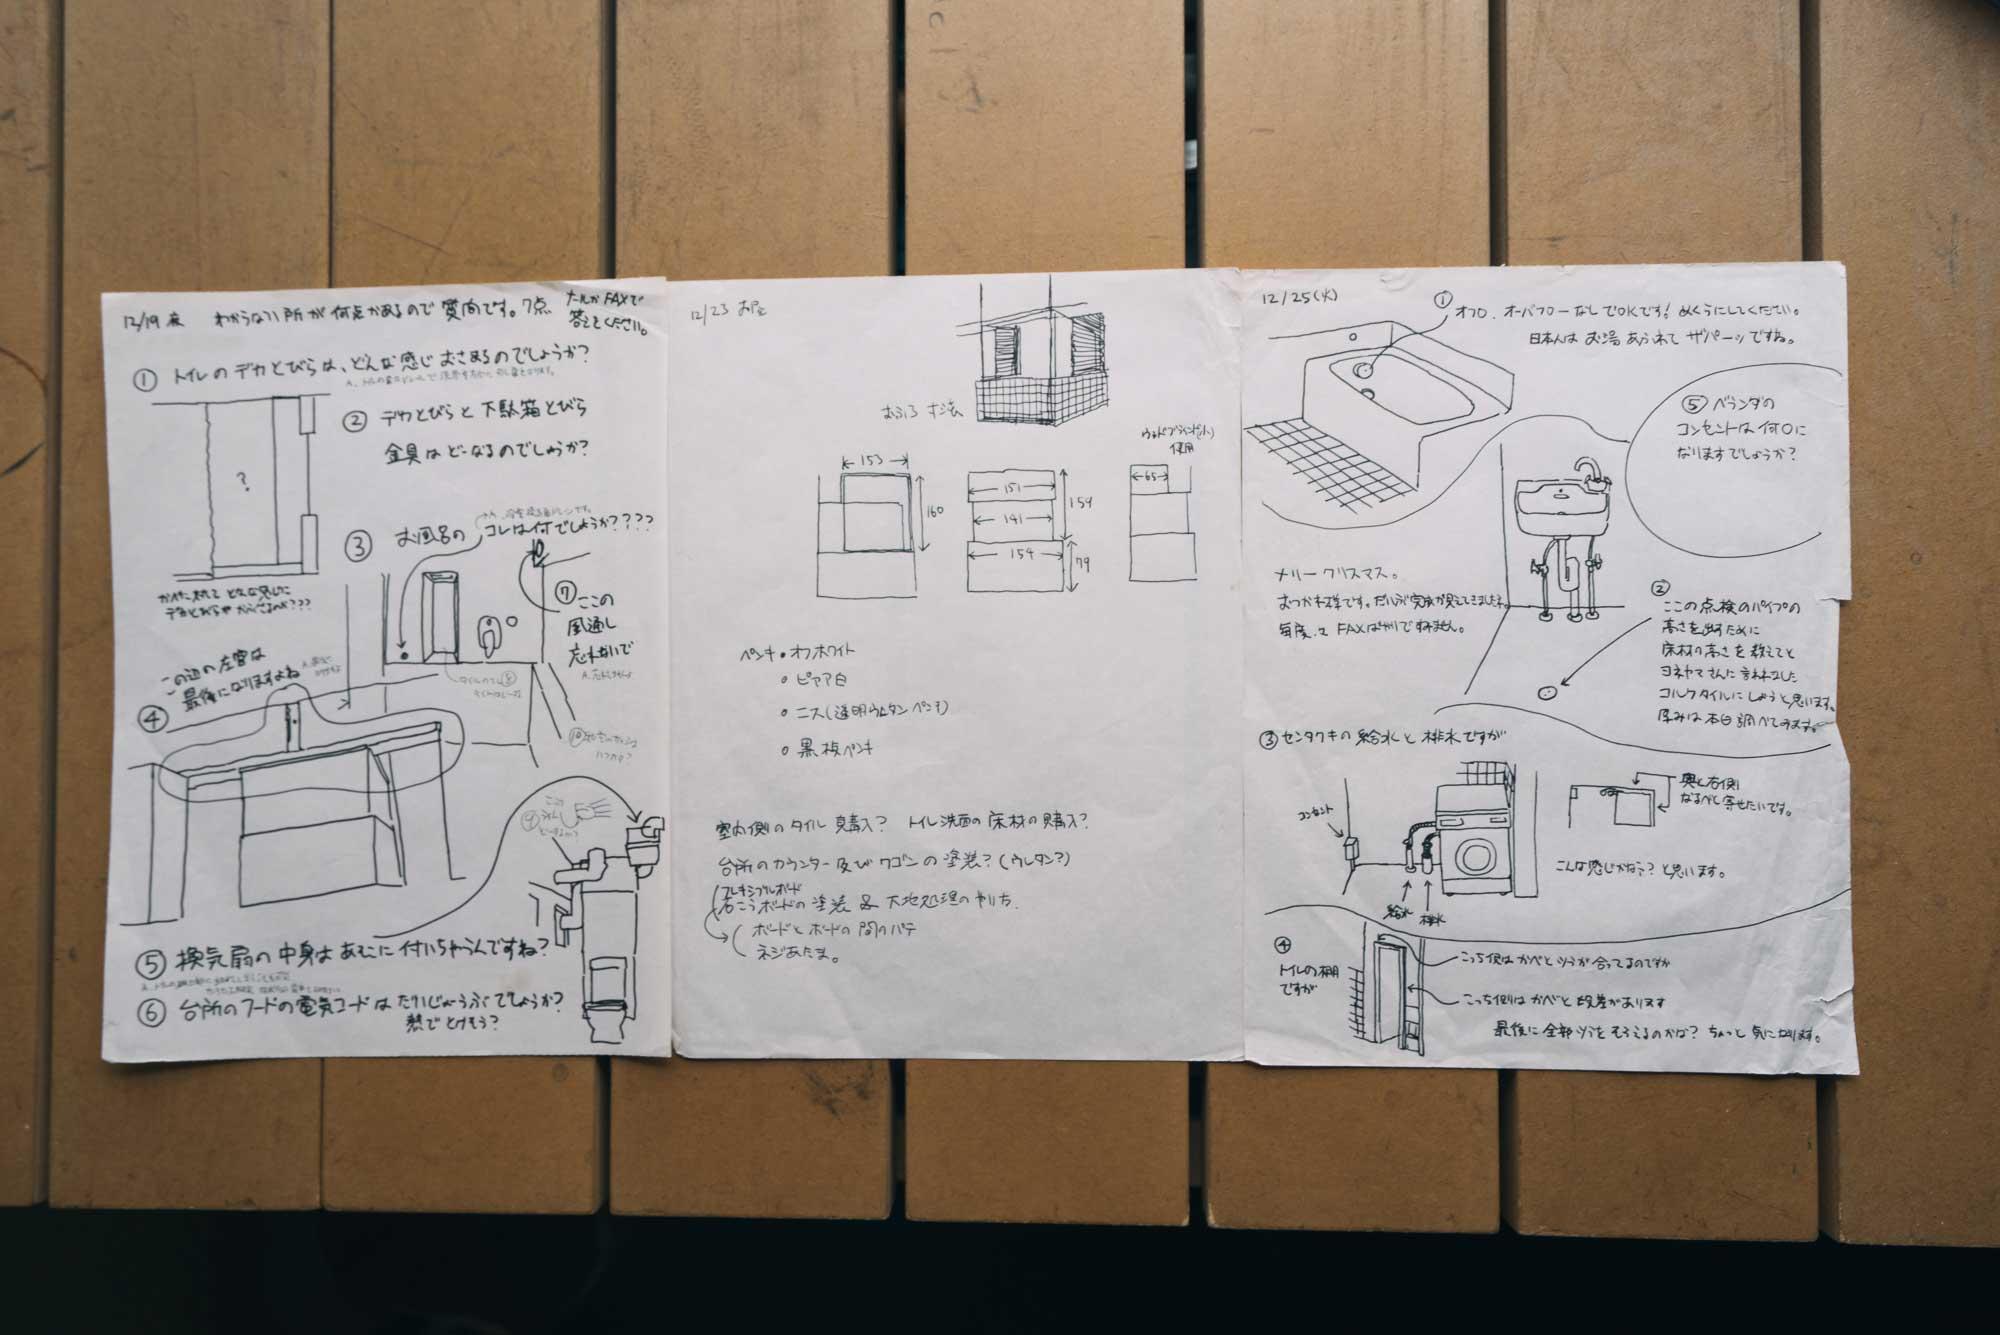 これが、当時BADONさんが自分で書いていた設計図。細かい部分まで「こうしたいけど、どうだろうか?」とたくさんの書き込みがあって、往復書簡みたいになってます。